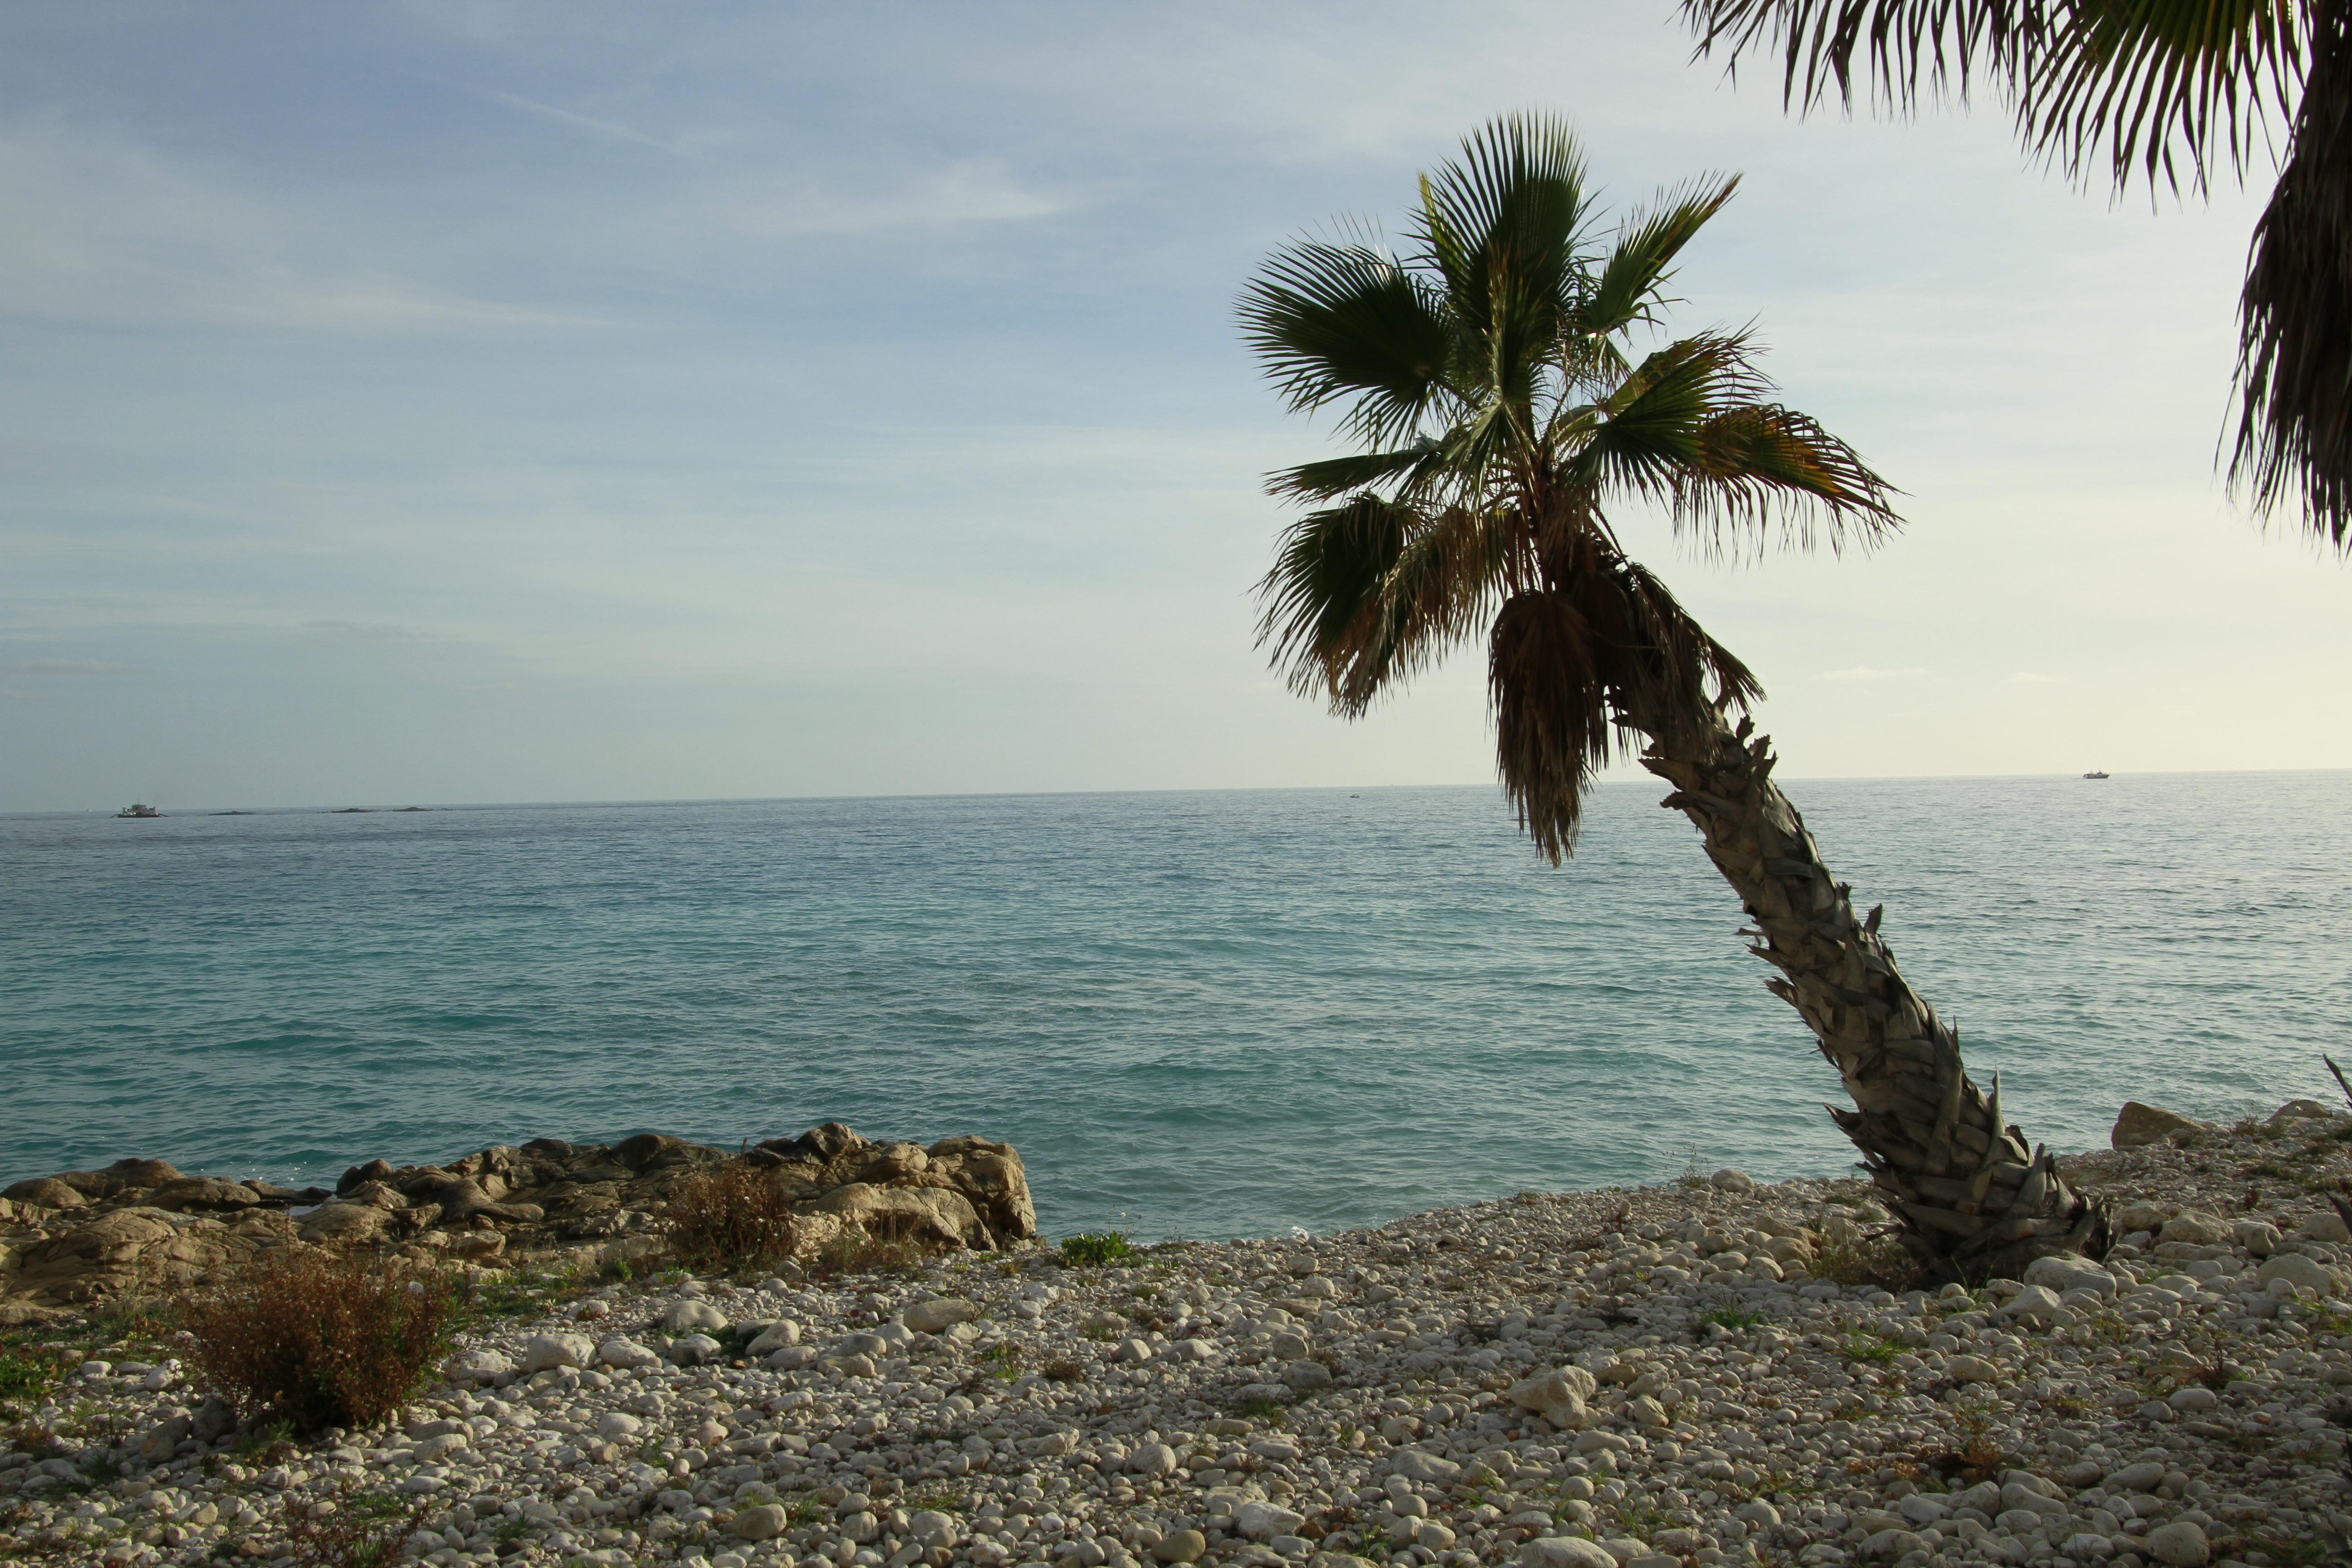 Playa de los Estudiantes, La Vila